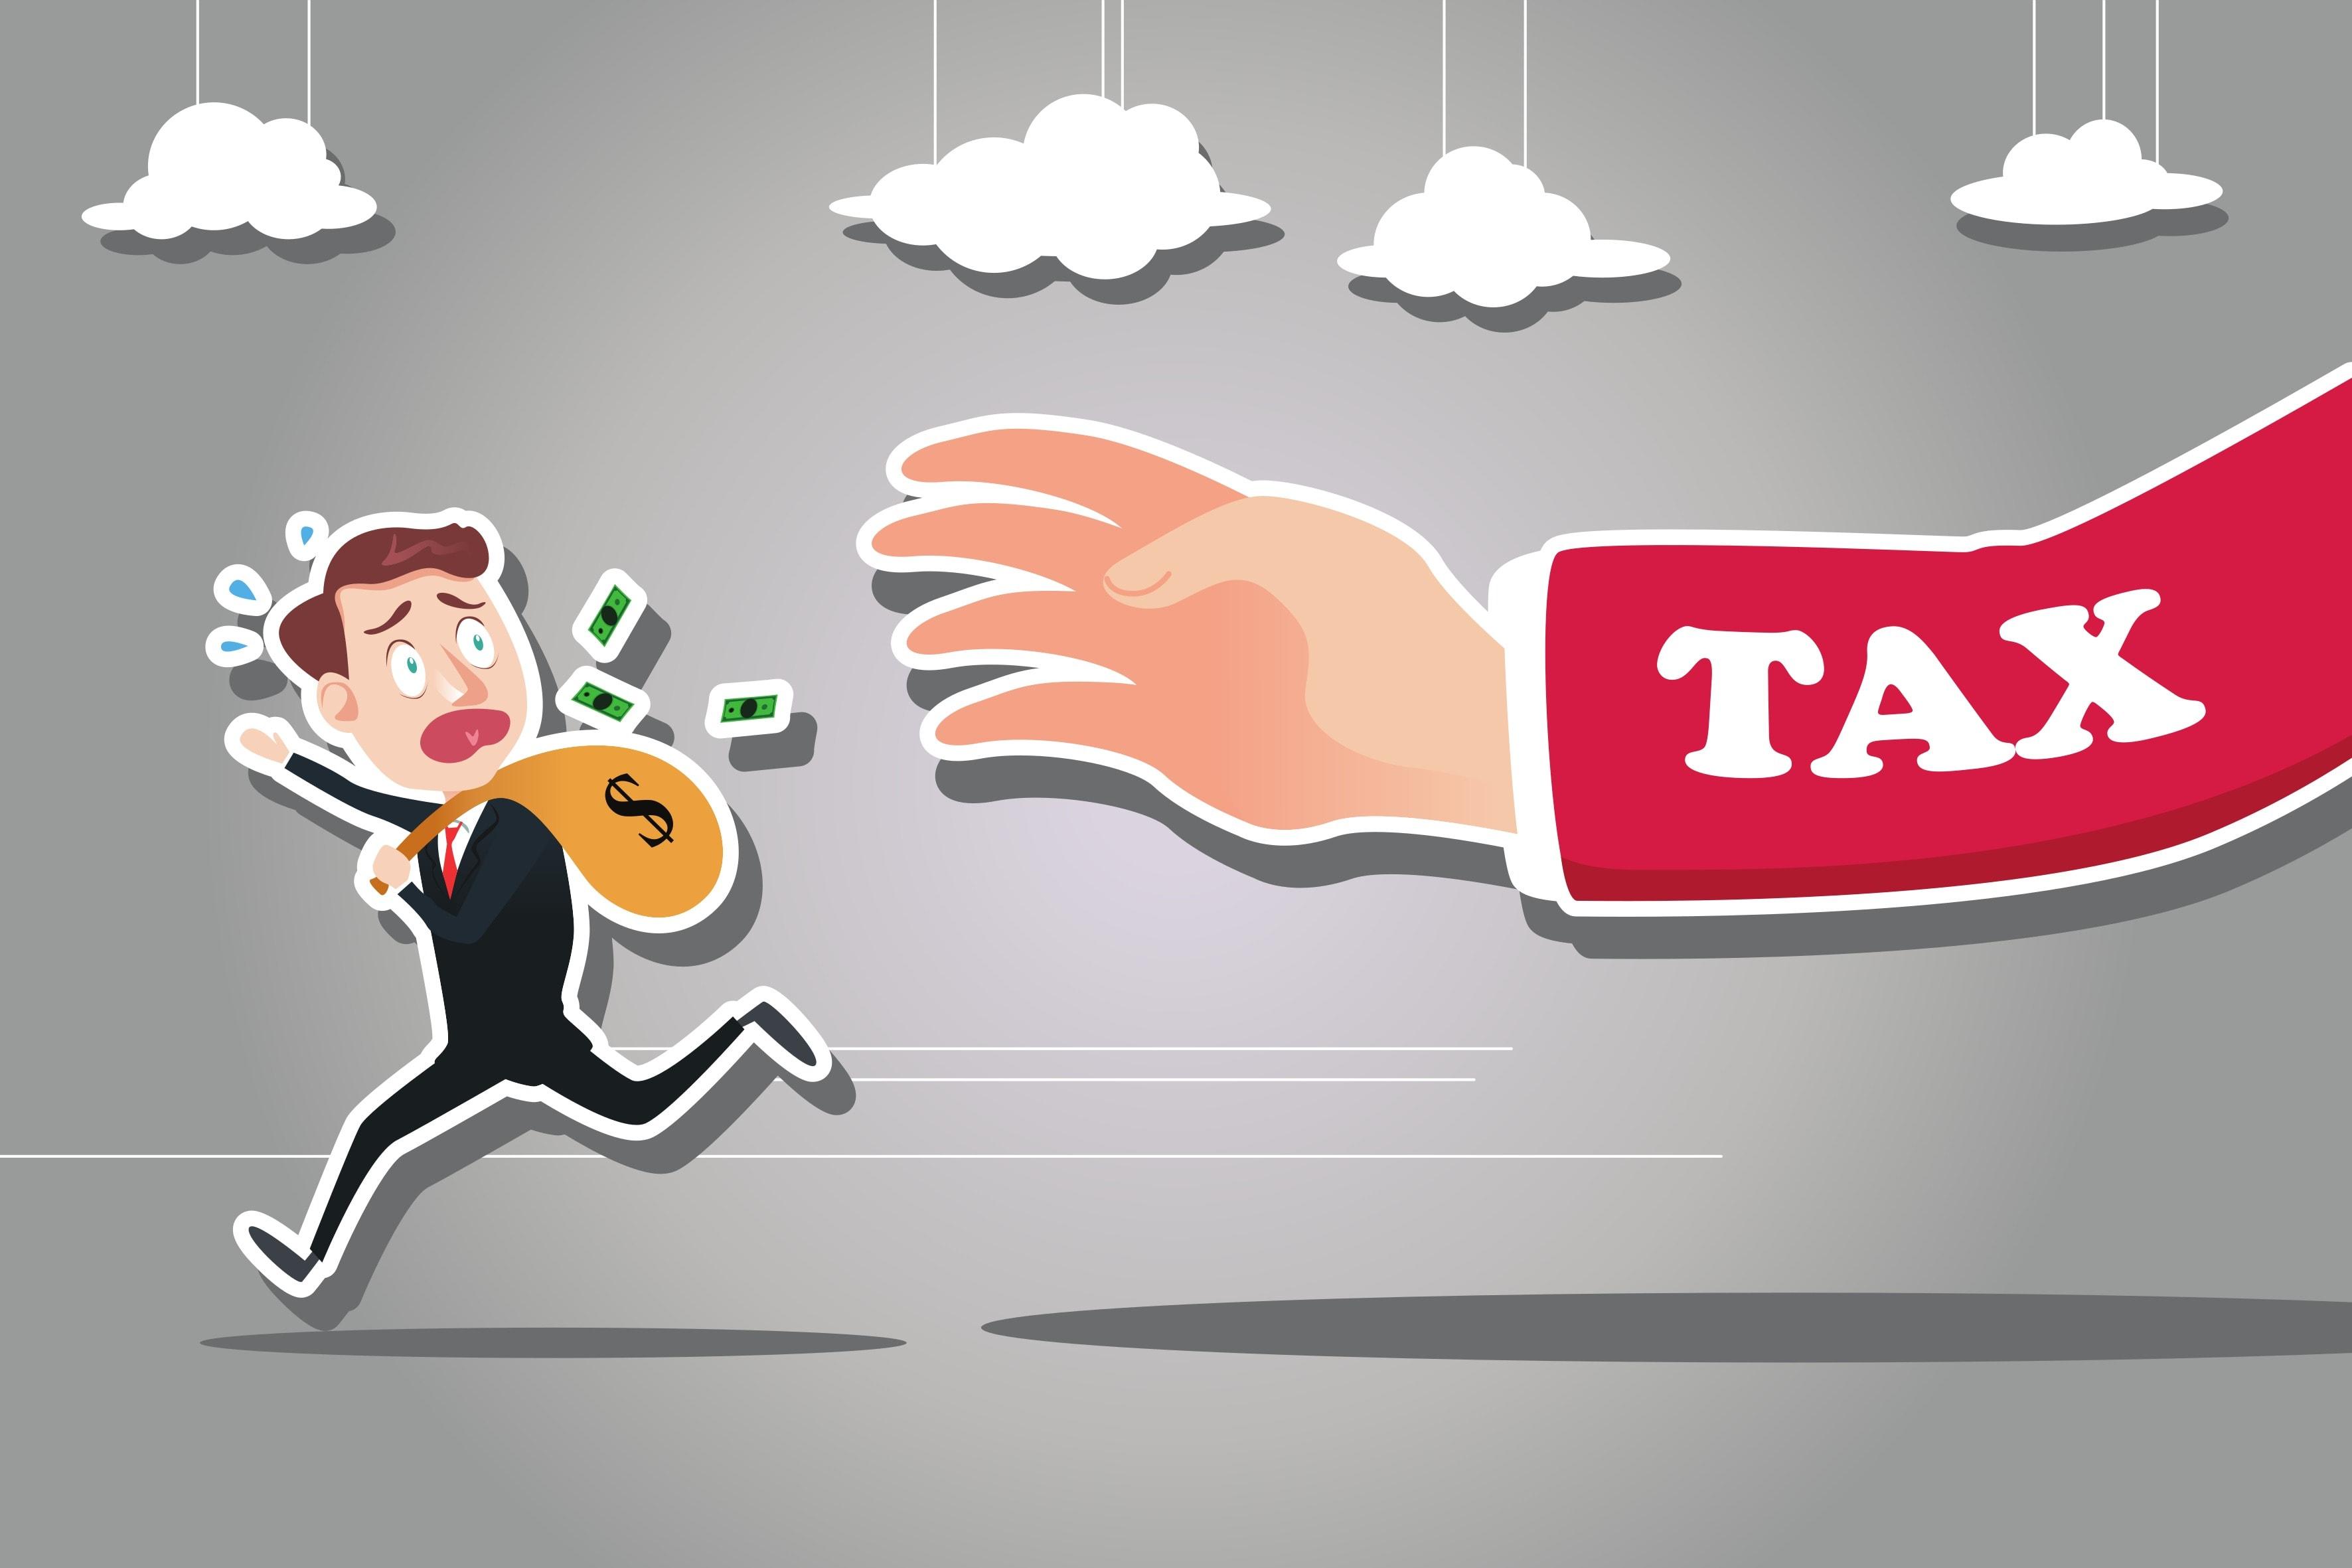 株取引で儲けた税金はいくら?